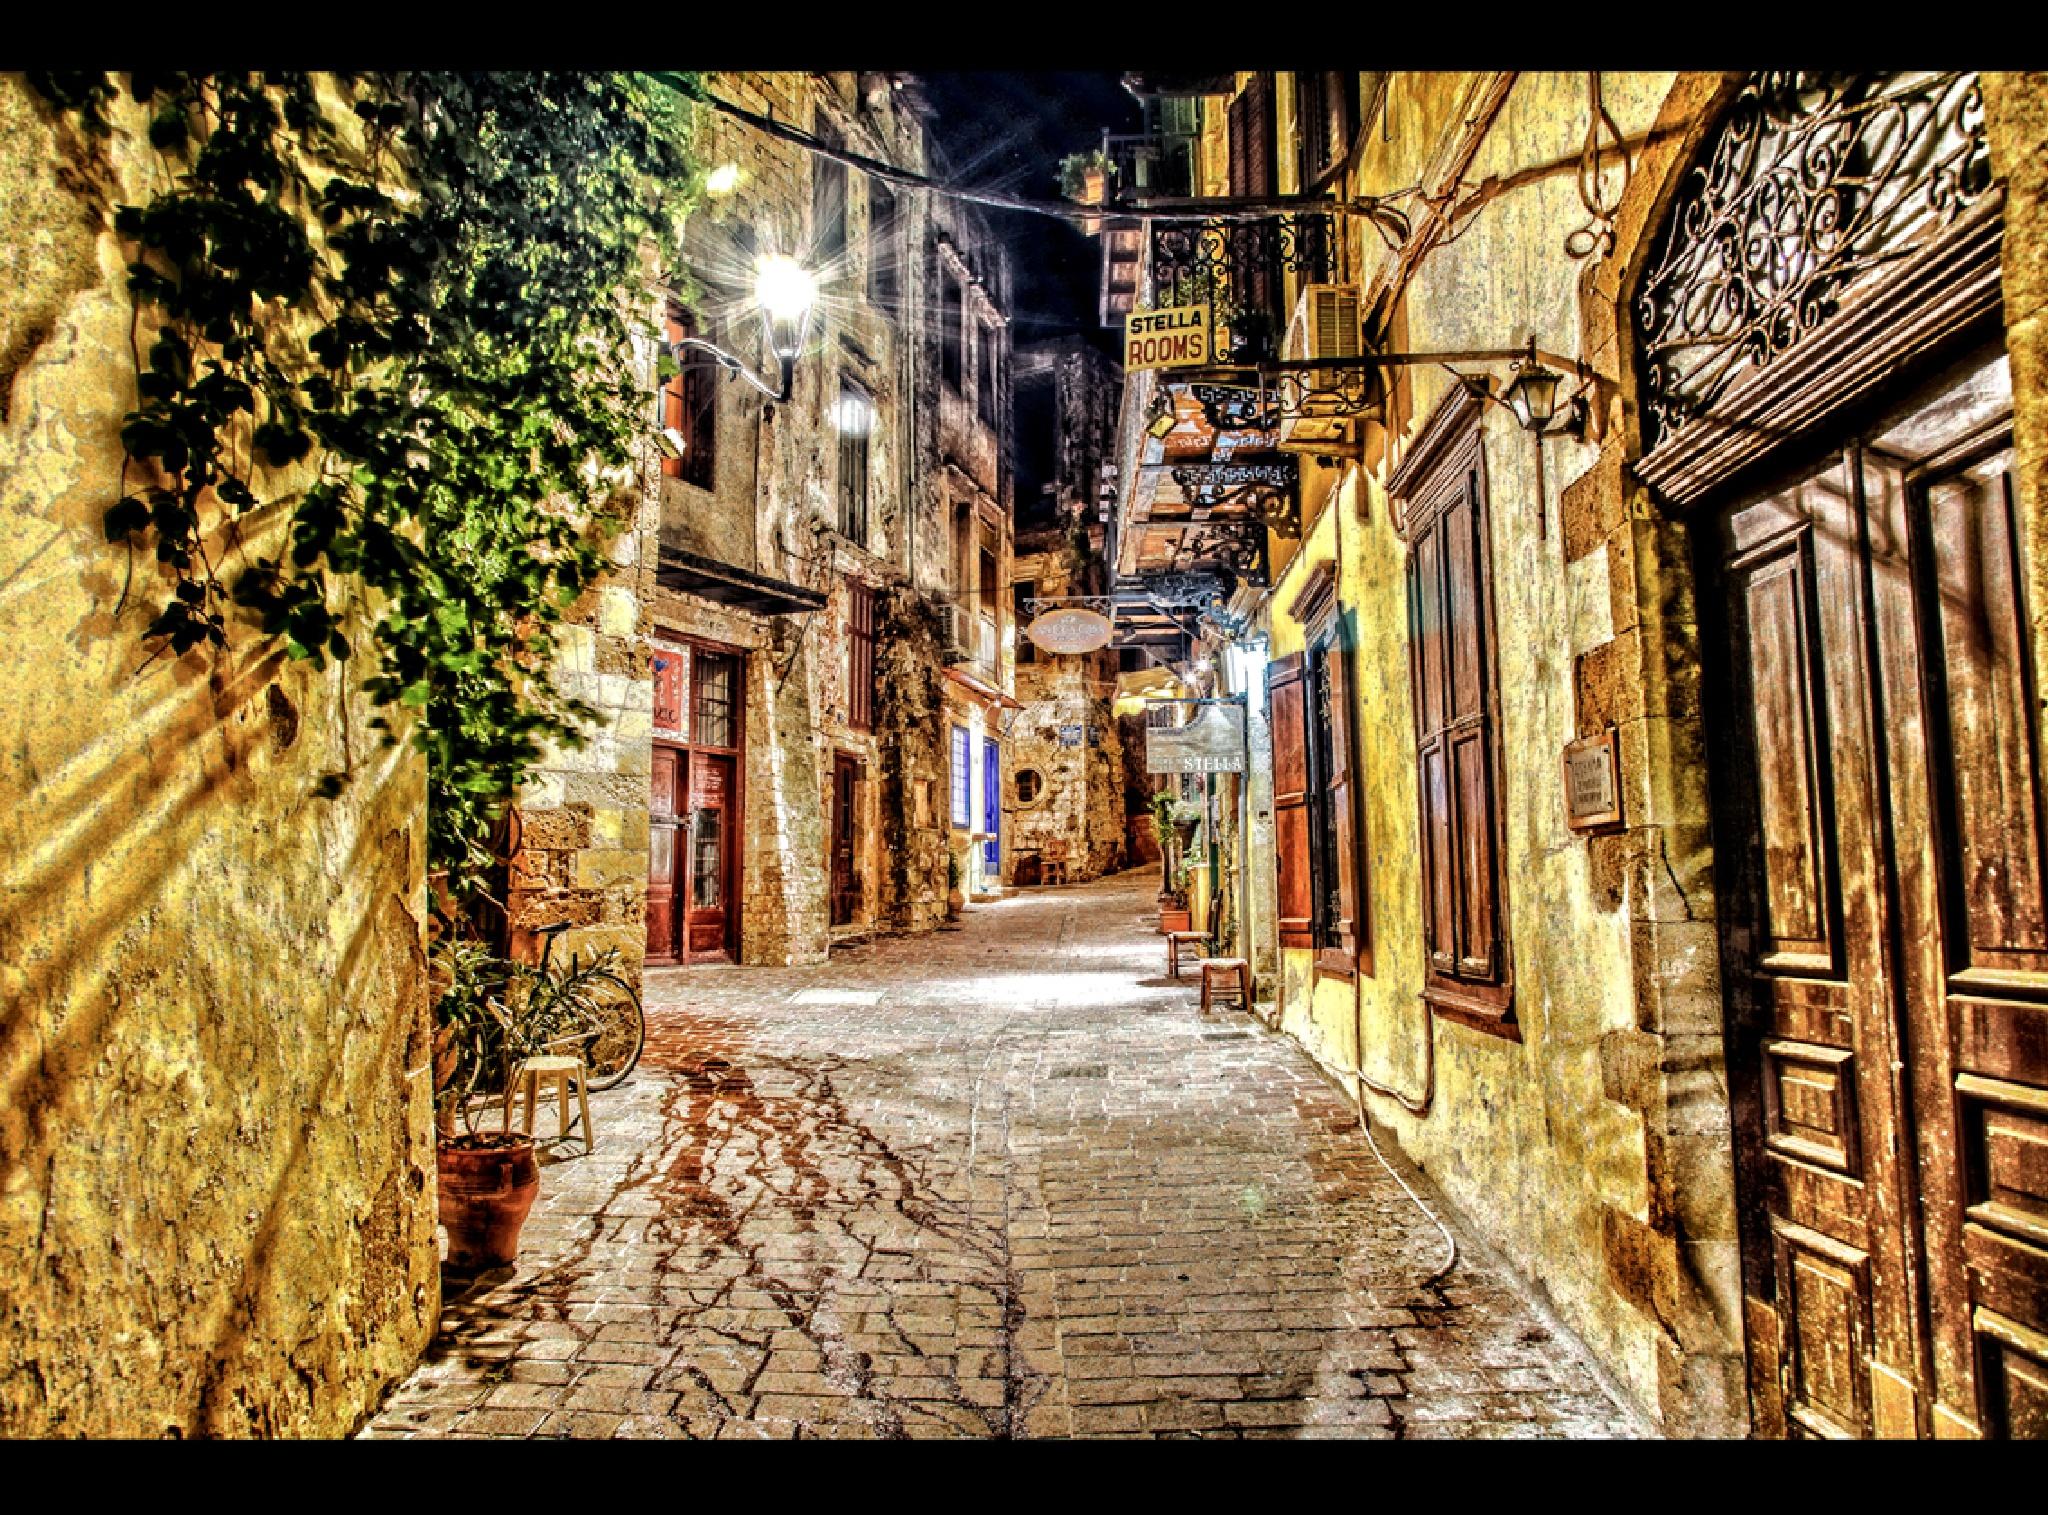 Crete-Chania by piotr j